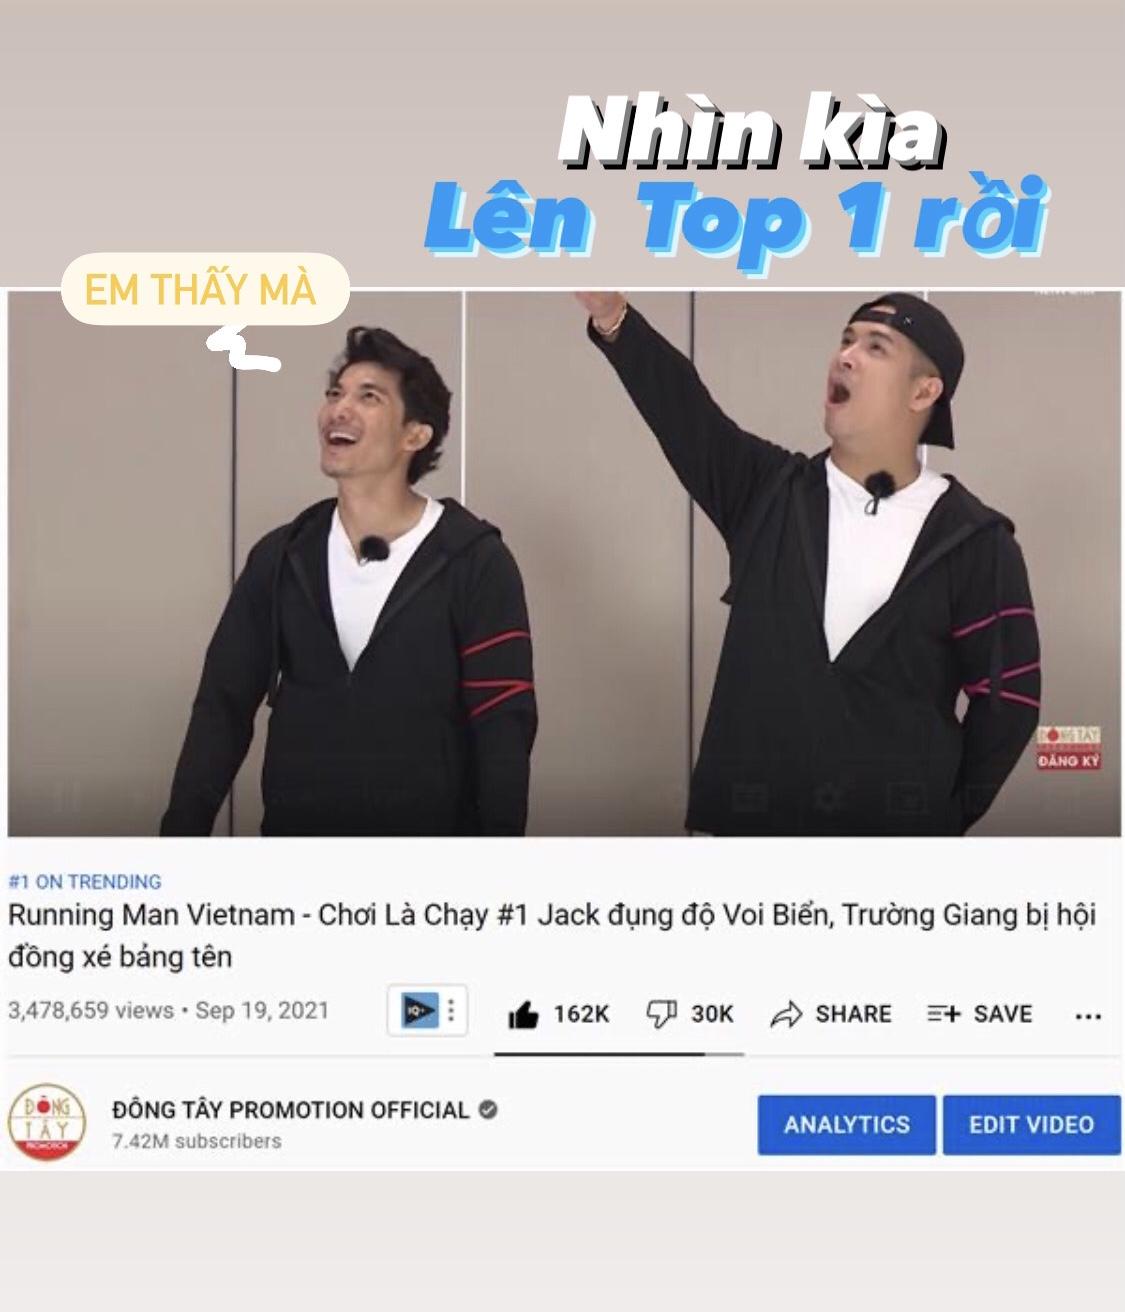 Tập 1 Running Man Vietnam đạt top 1 trending sau 18h lên sóng